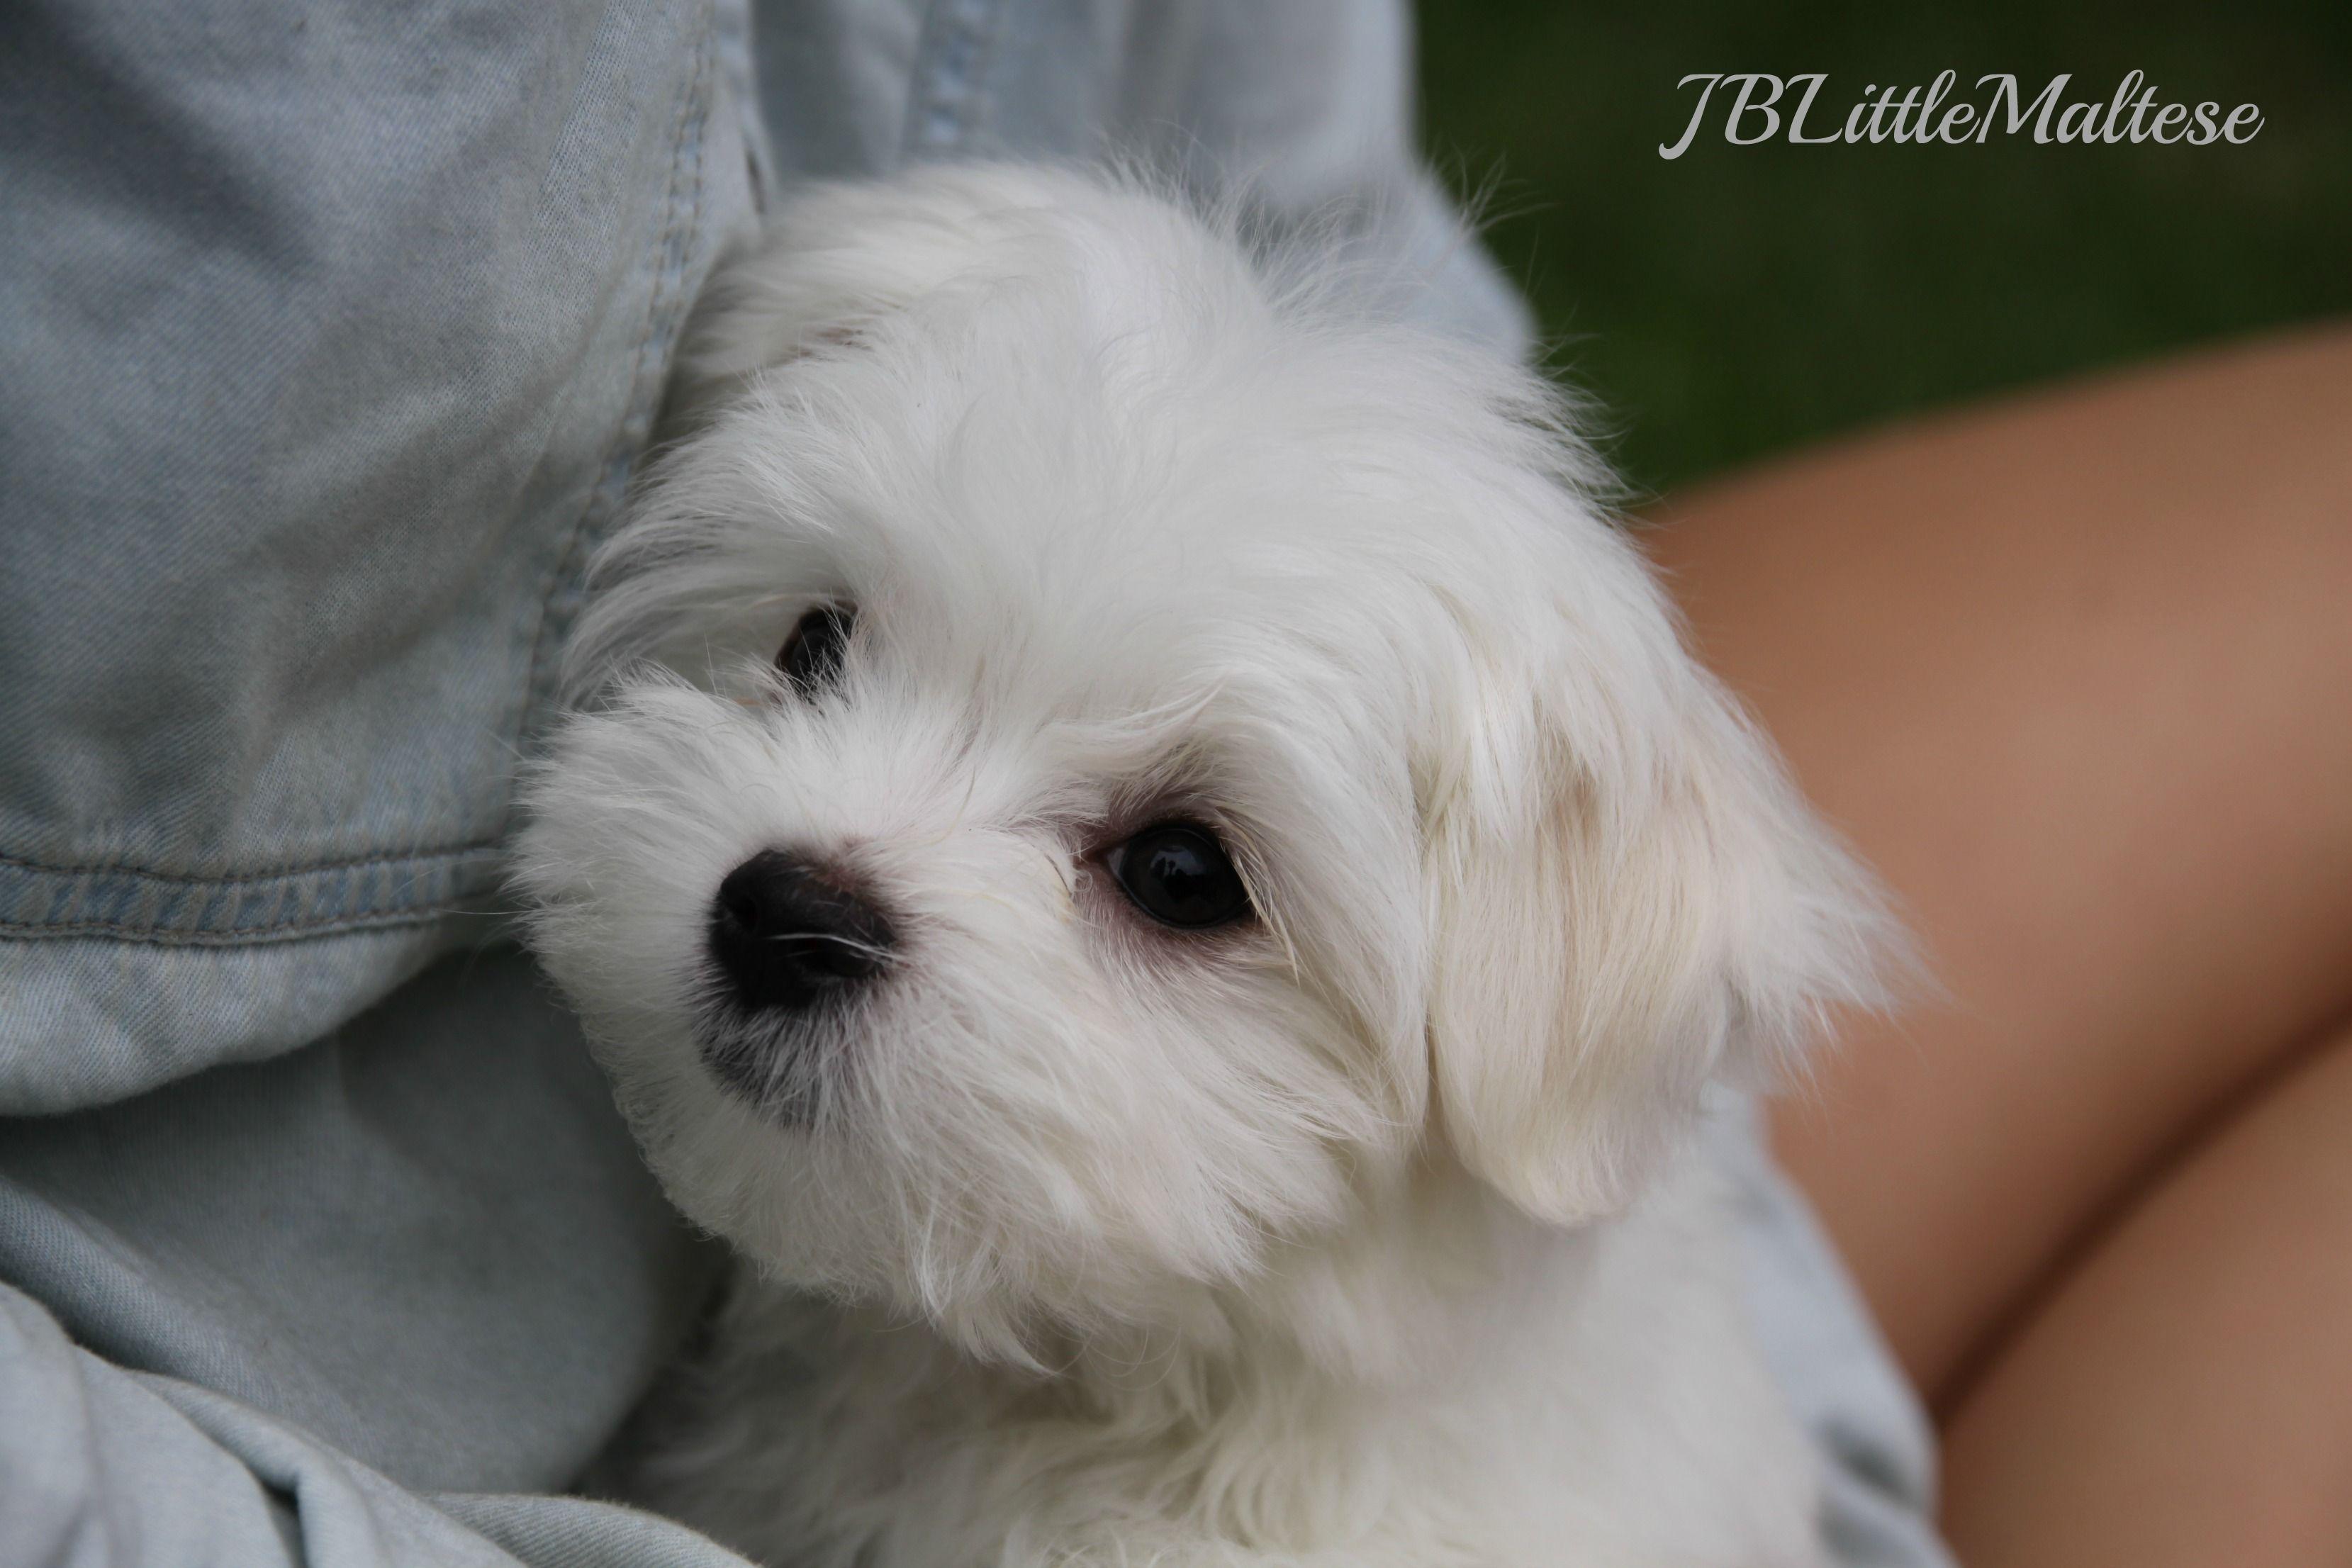 Purebred Maltese Puppy Of Jblittlemaltese Reg D Www